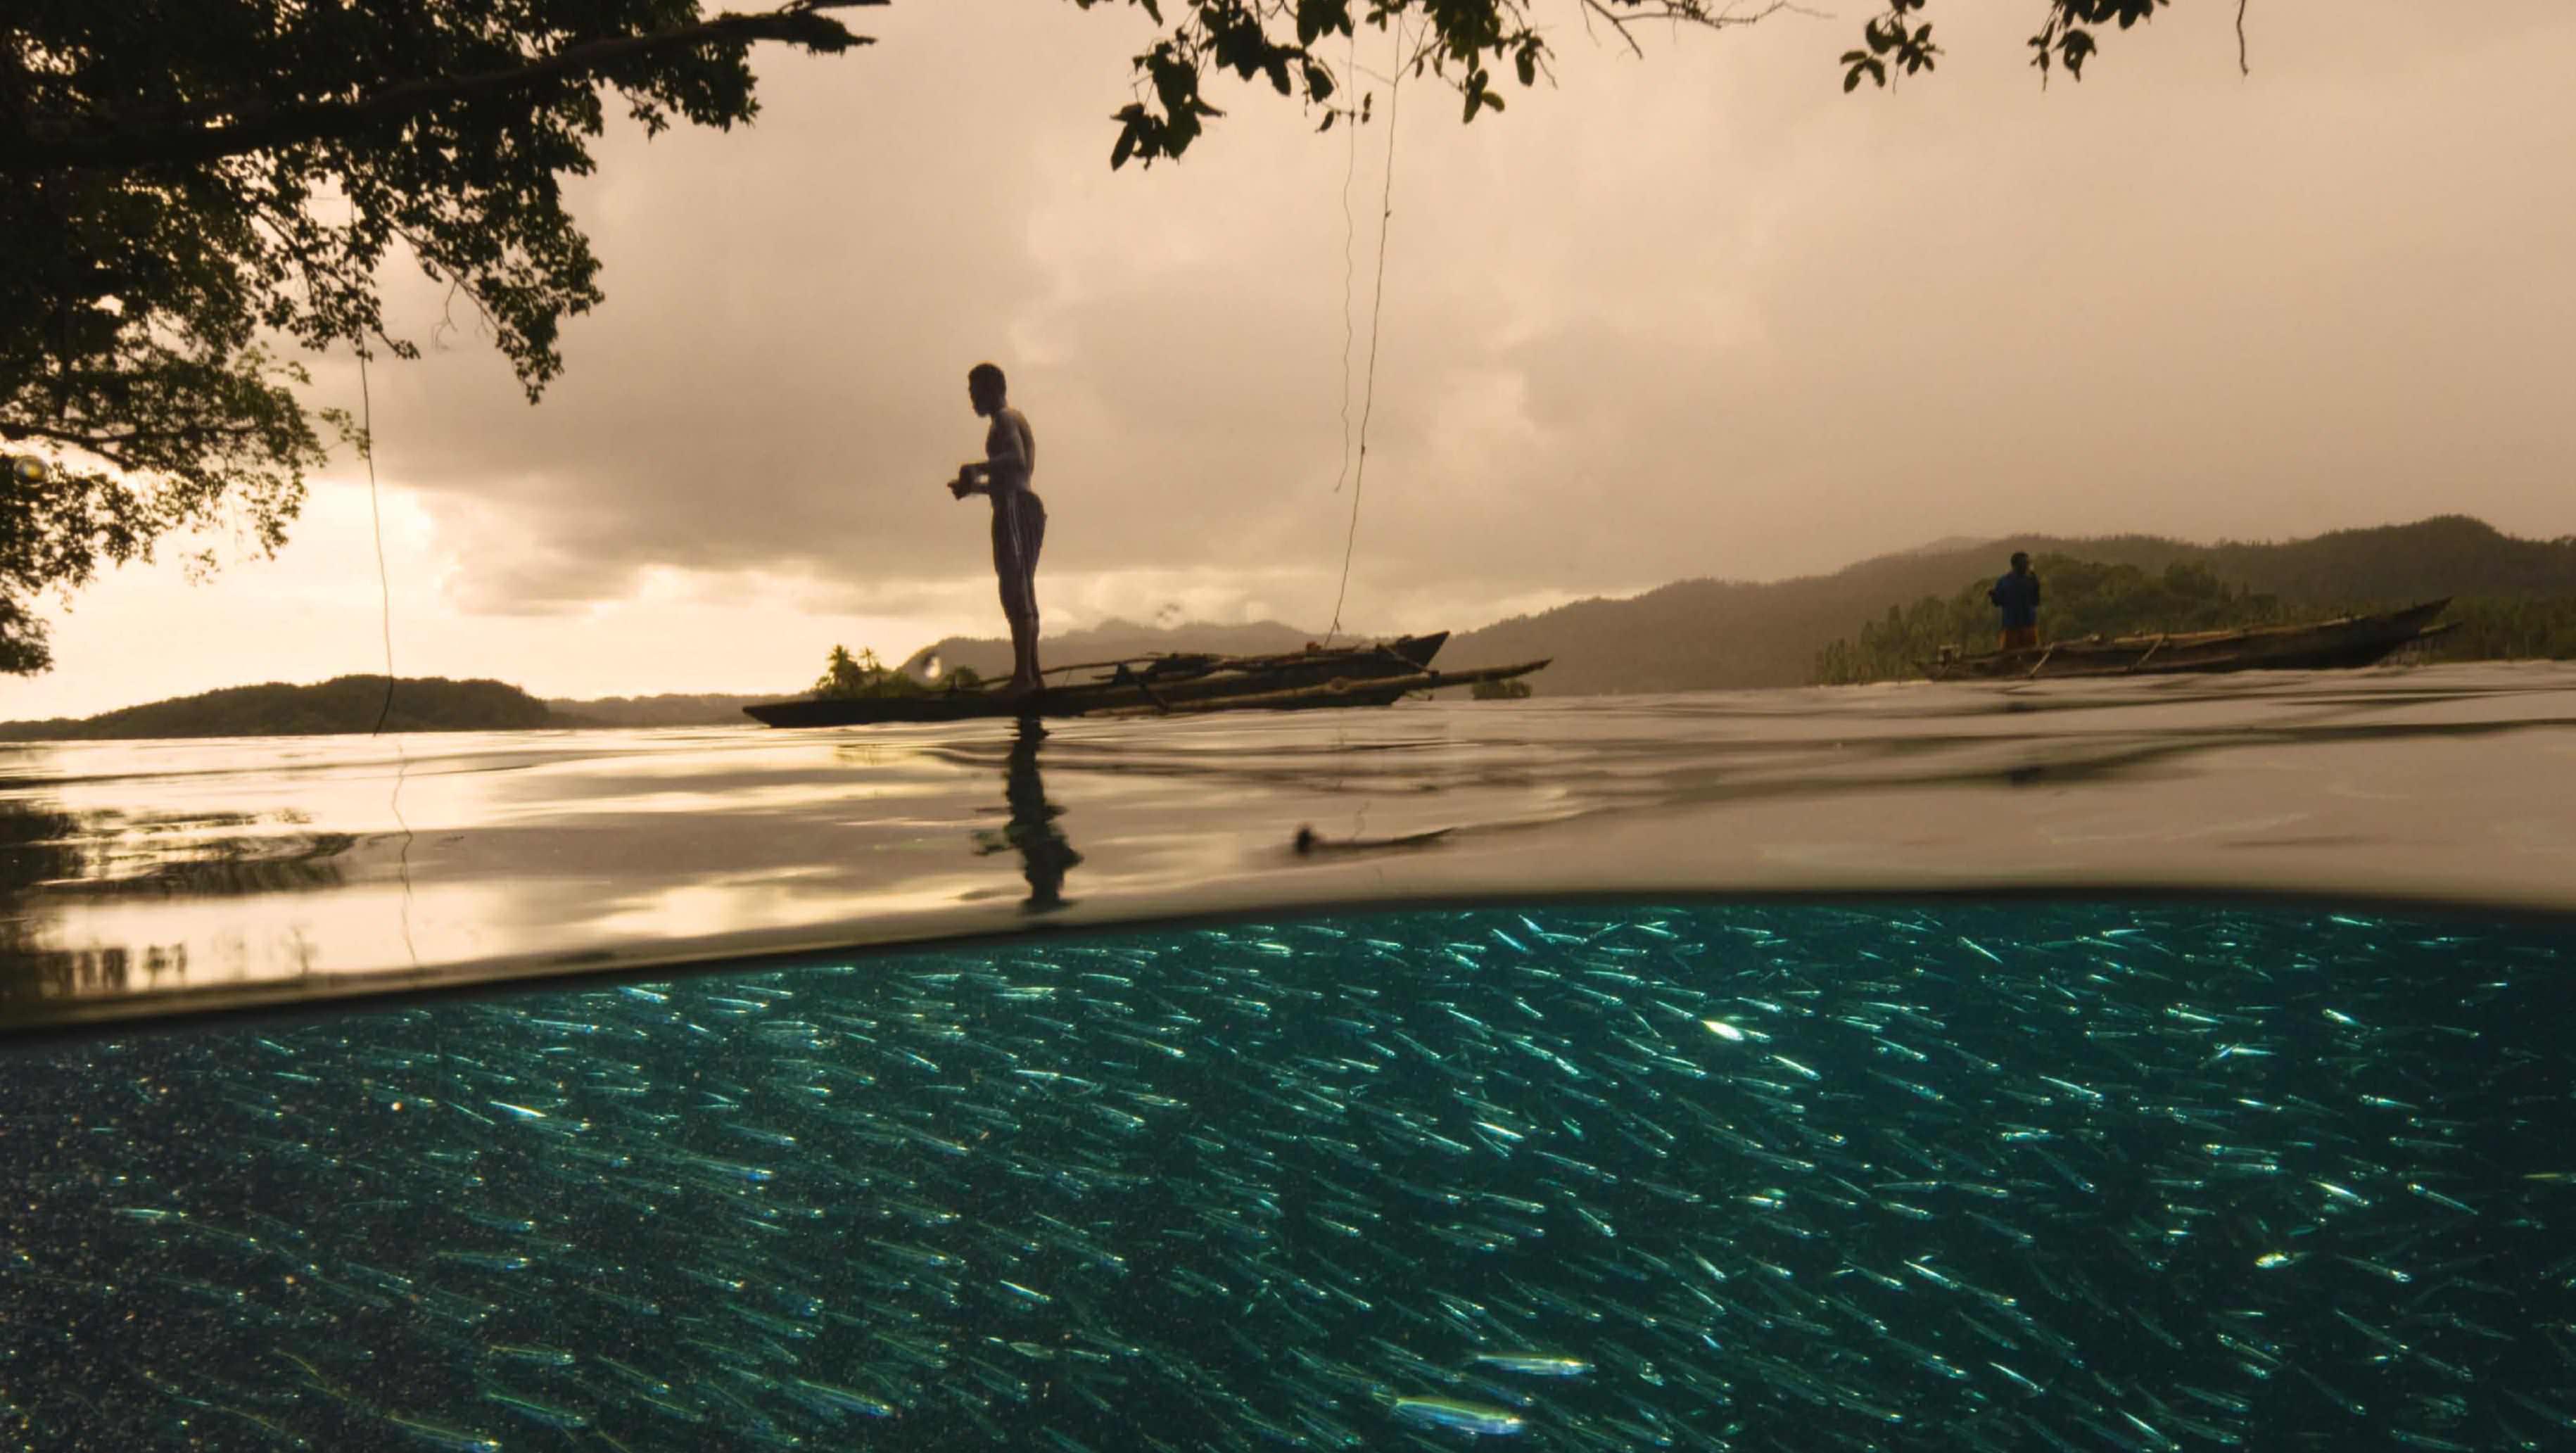 Raja Ampat Islands: A Diver's Paradise